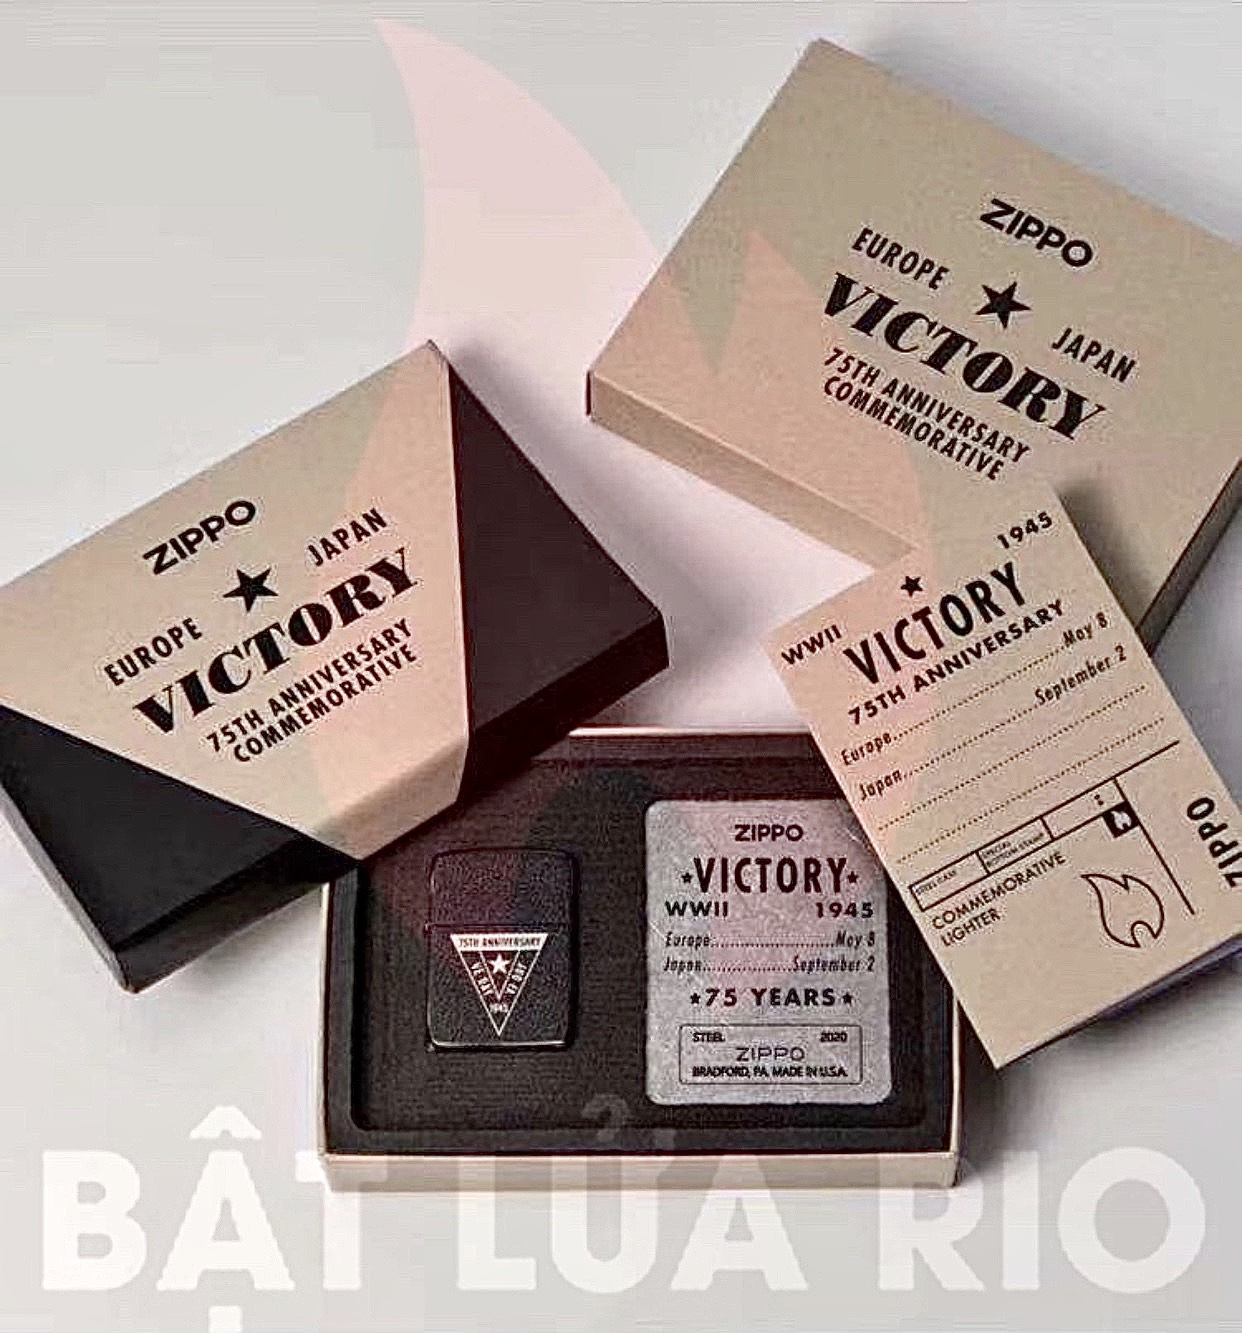 Bộ Sưu Tập Zippo phiên bản giới hạn kỷ niệm 75 năm chiến thắng tại Châu Âu và Nhật Bản, kết thúc WWII 3